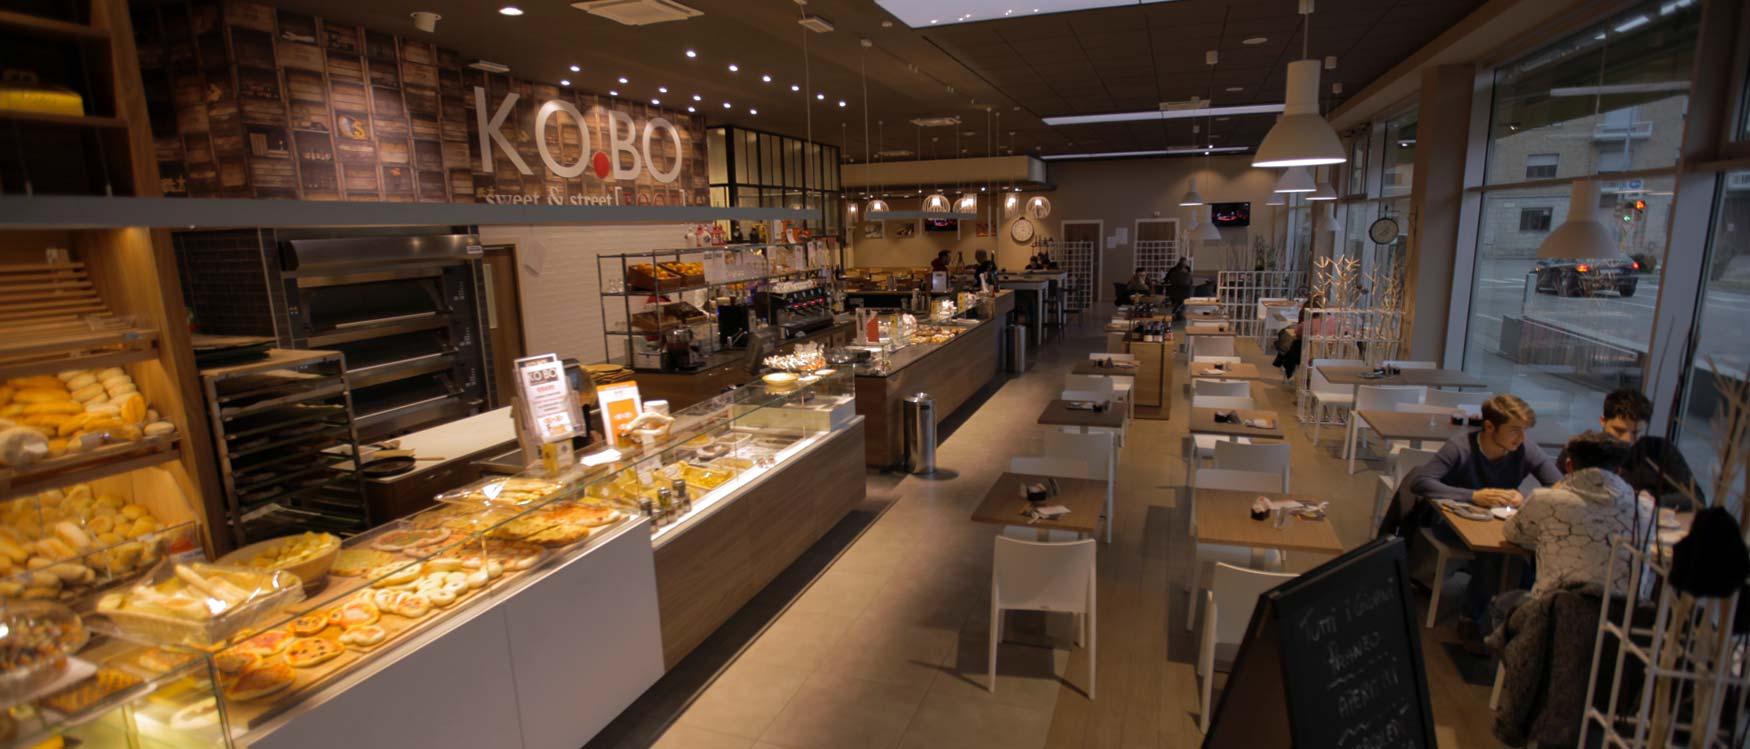 kobo food ristorante pasticceria pizza